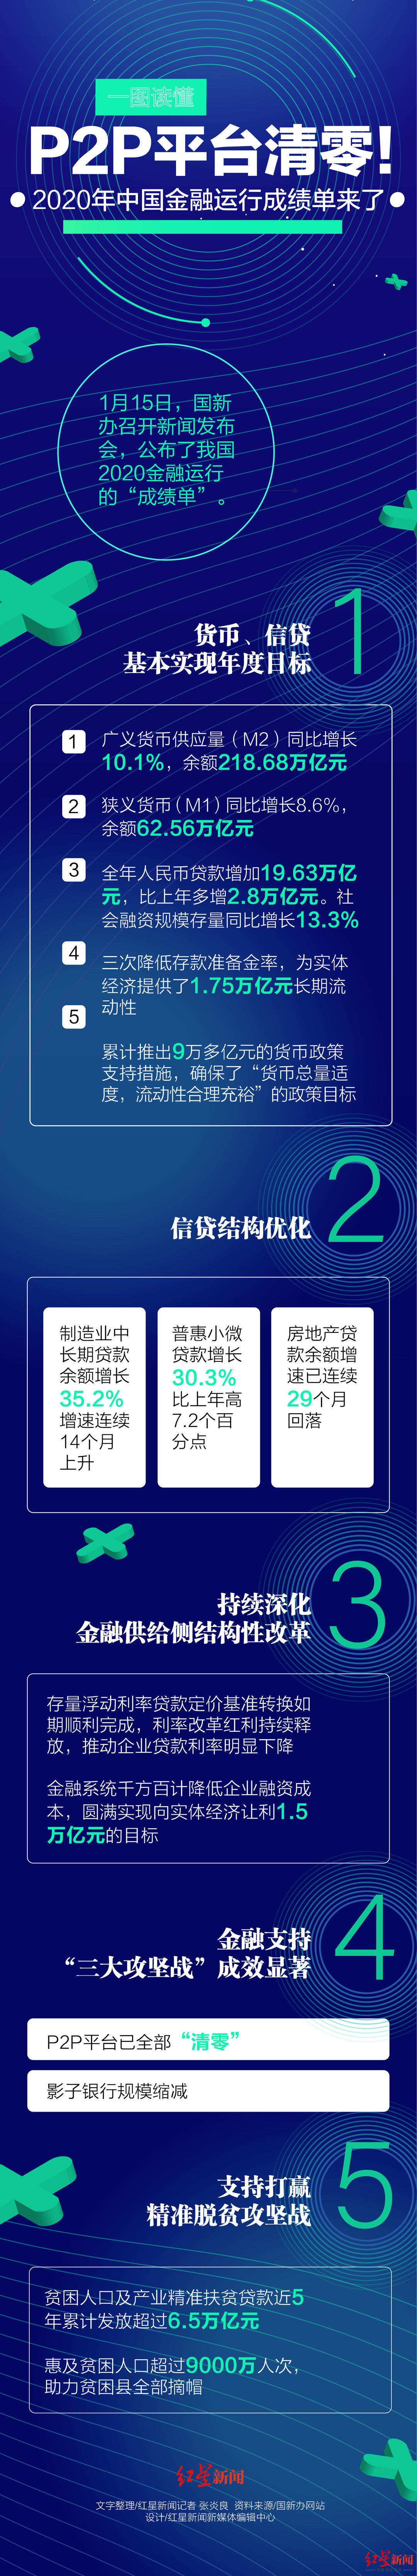 一图读懂:P2P平台清零!2020中国金融运行成绩单来了图片